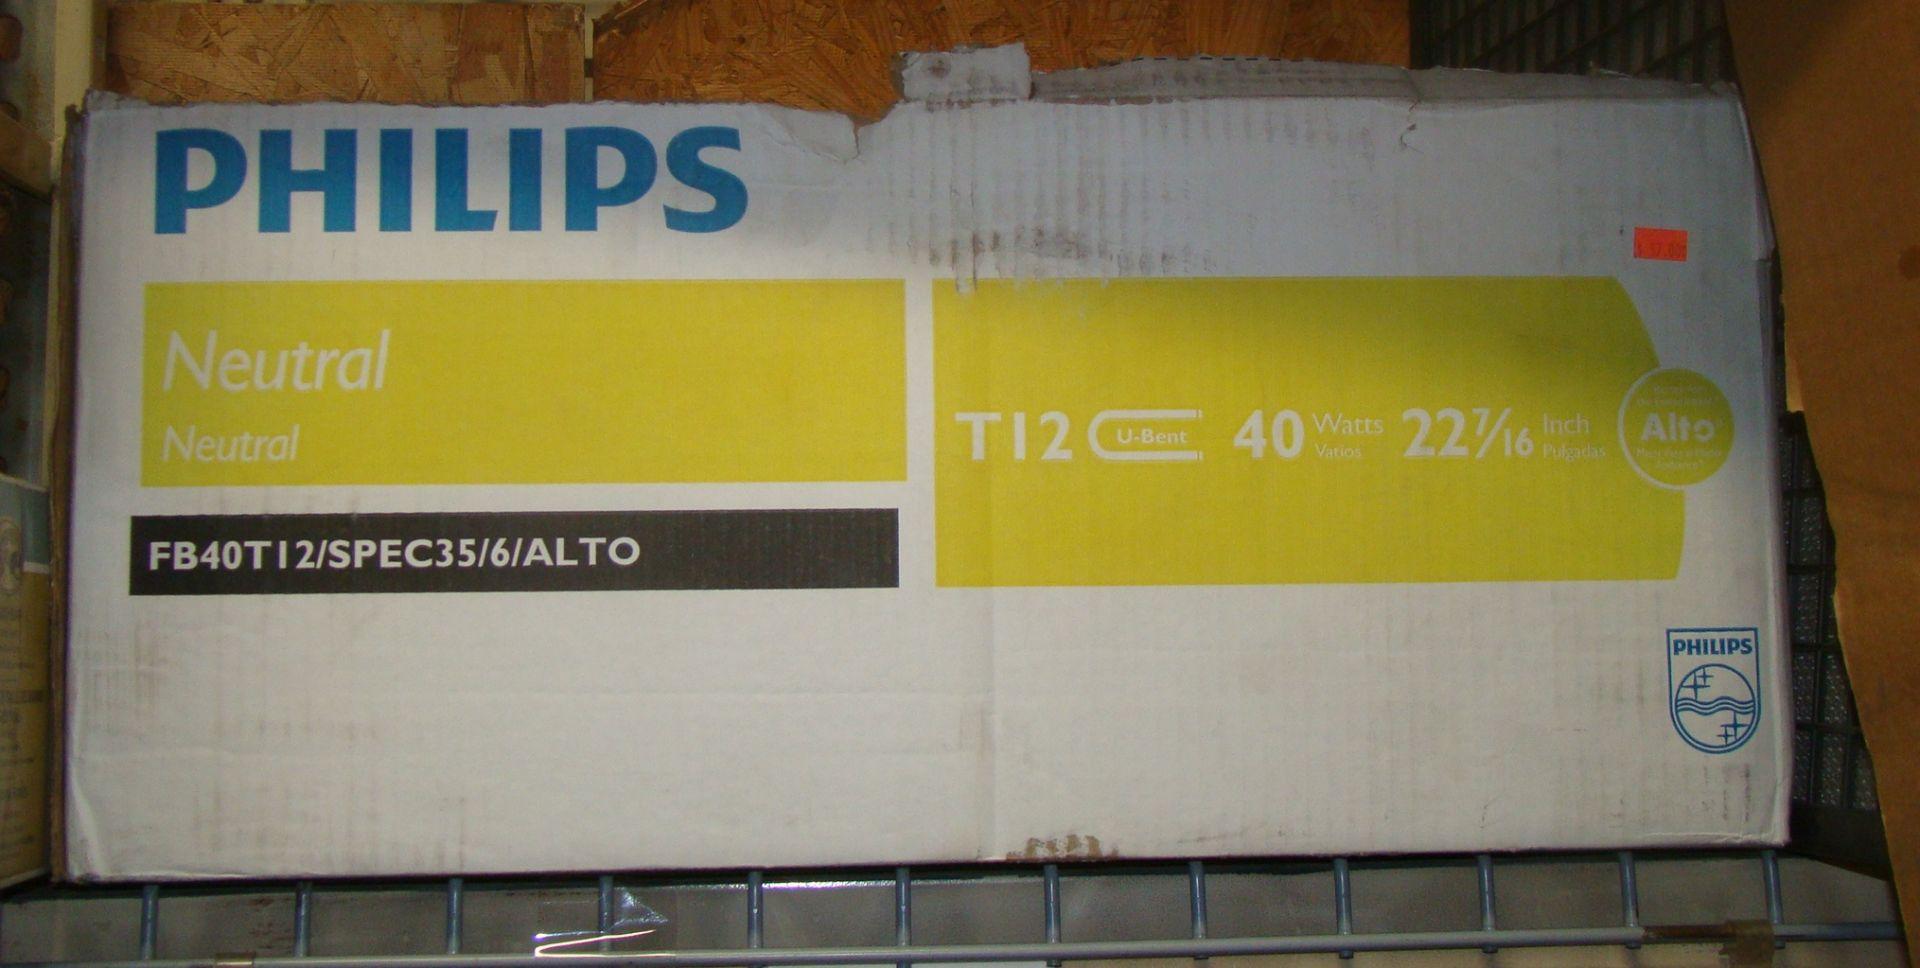 """Lot 20 - 11 Philips Neutral T-12u-bent 40 watt 22 7/16"""""""